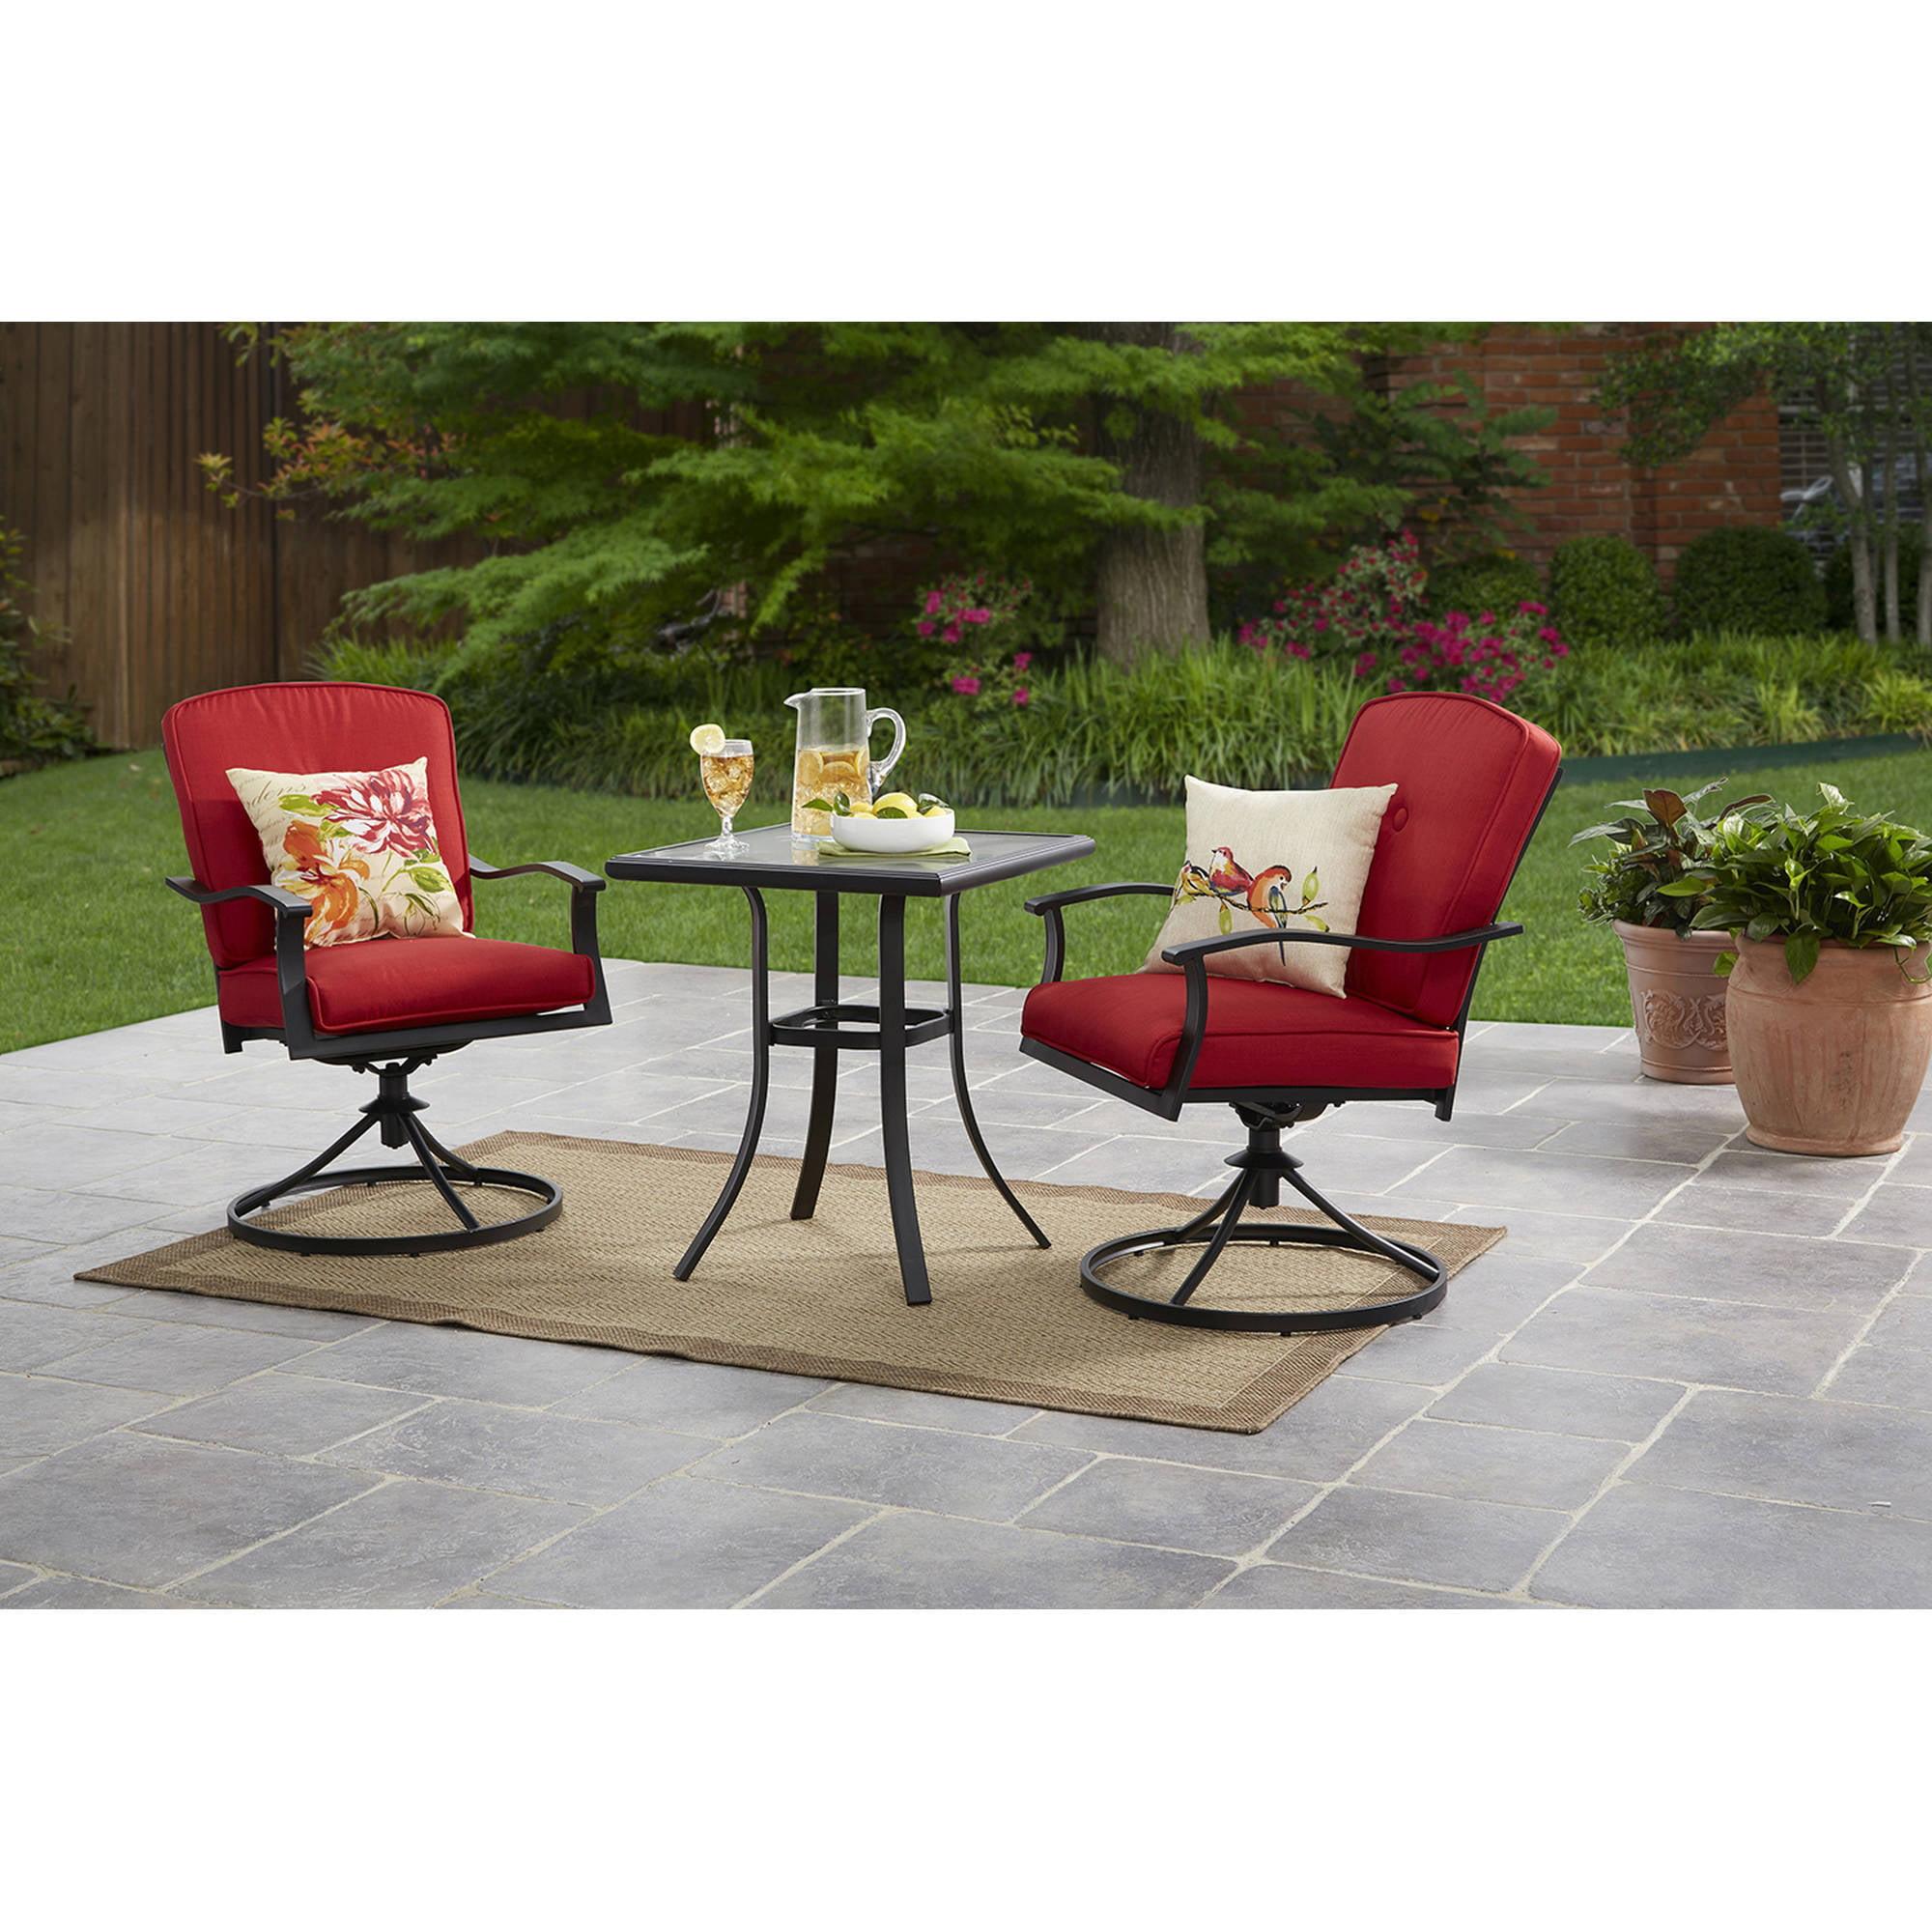 3 piece bistro set patio deck garden furniture green blue for Outdoor furniture 3 piece